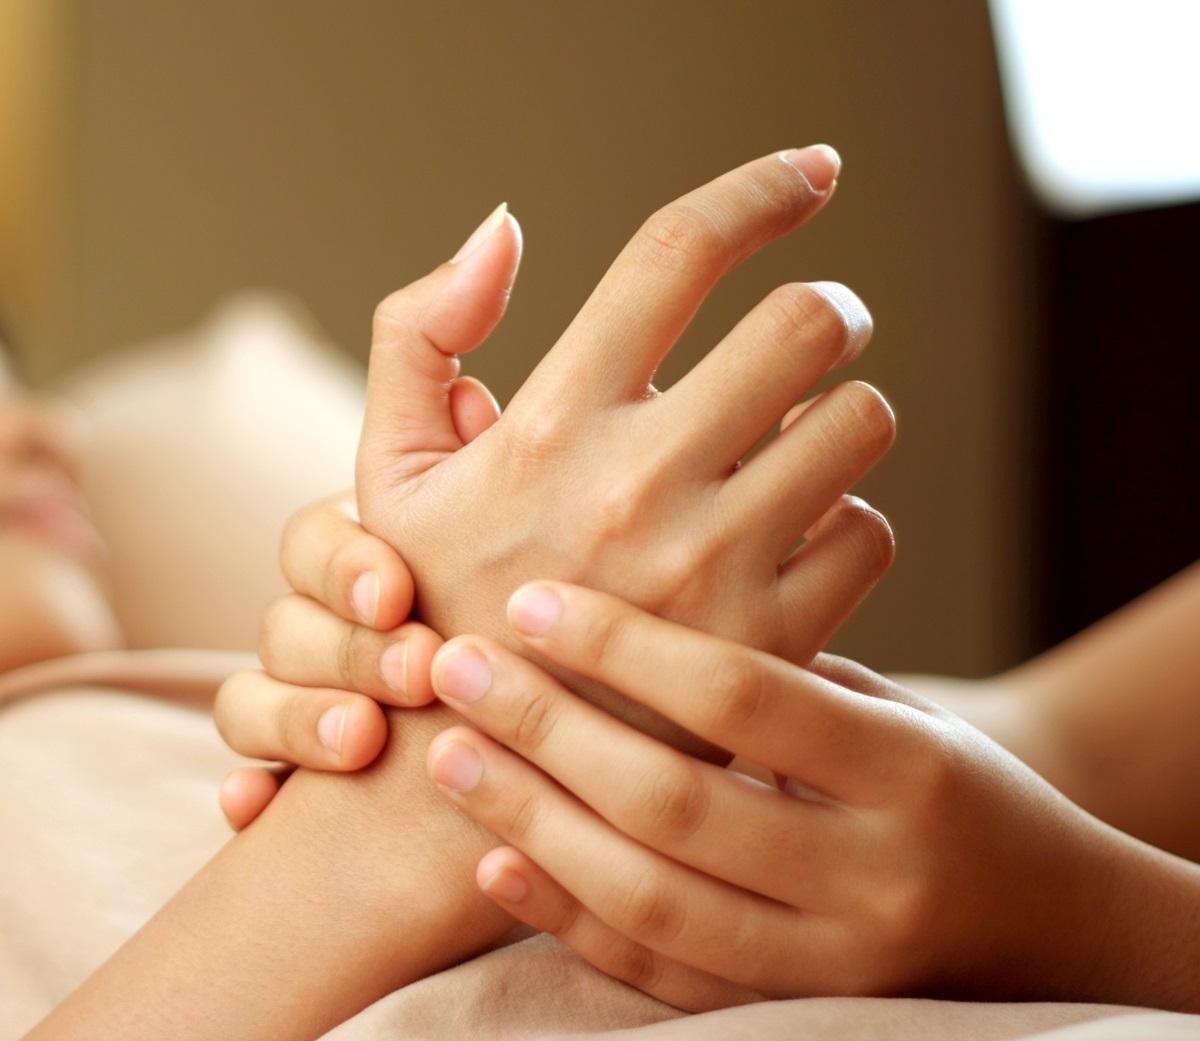 articulațiile degetelor mâinilor unui masaj cum să scapi de durere în articulațiile piciorului